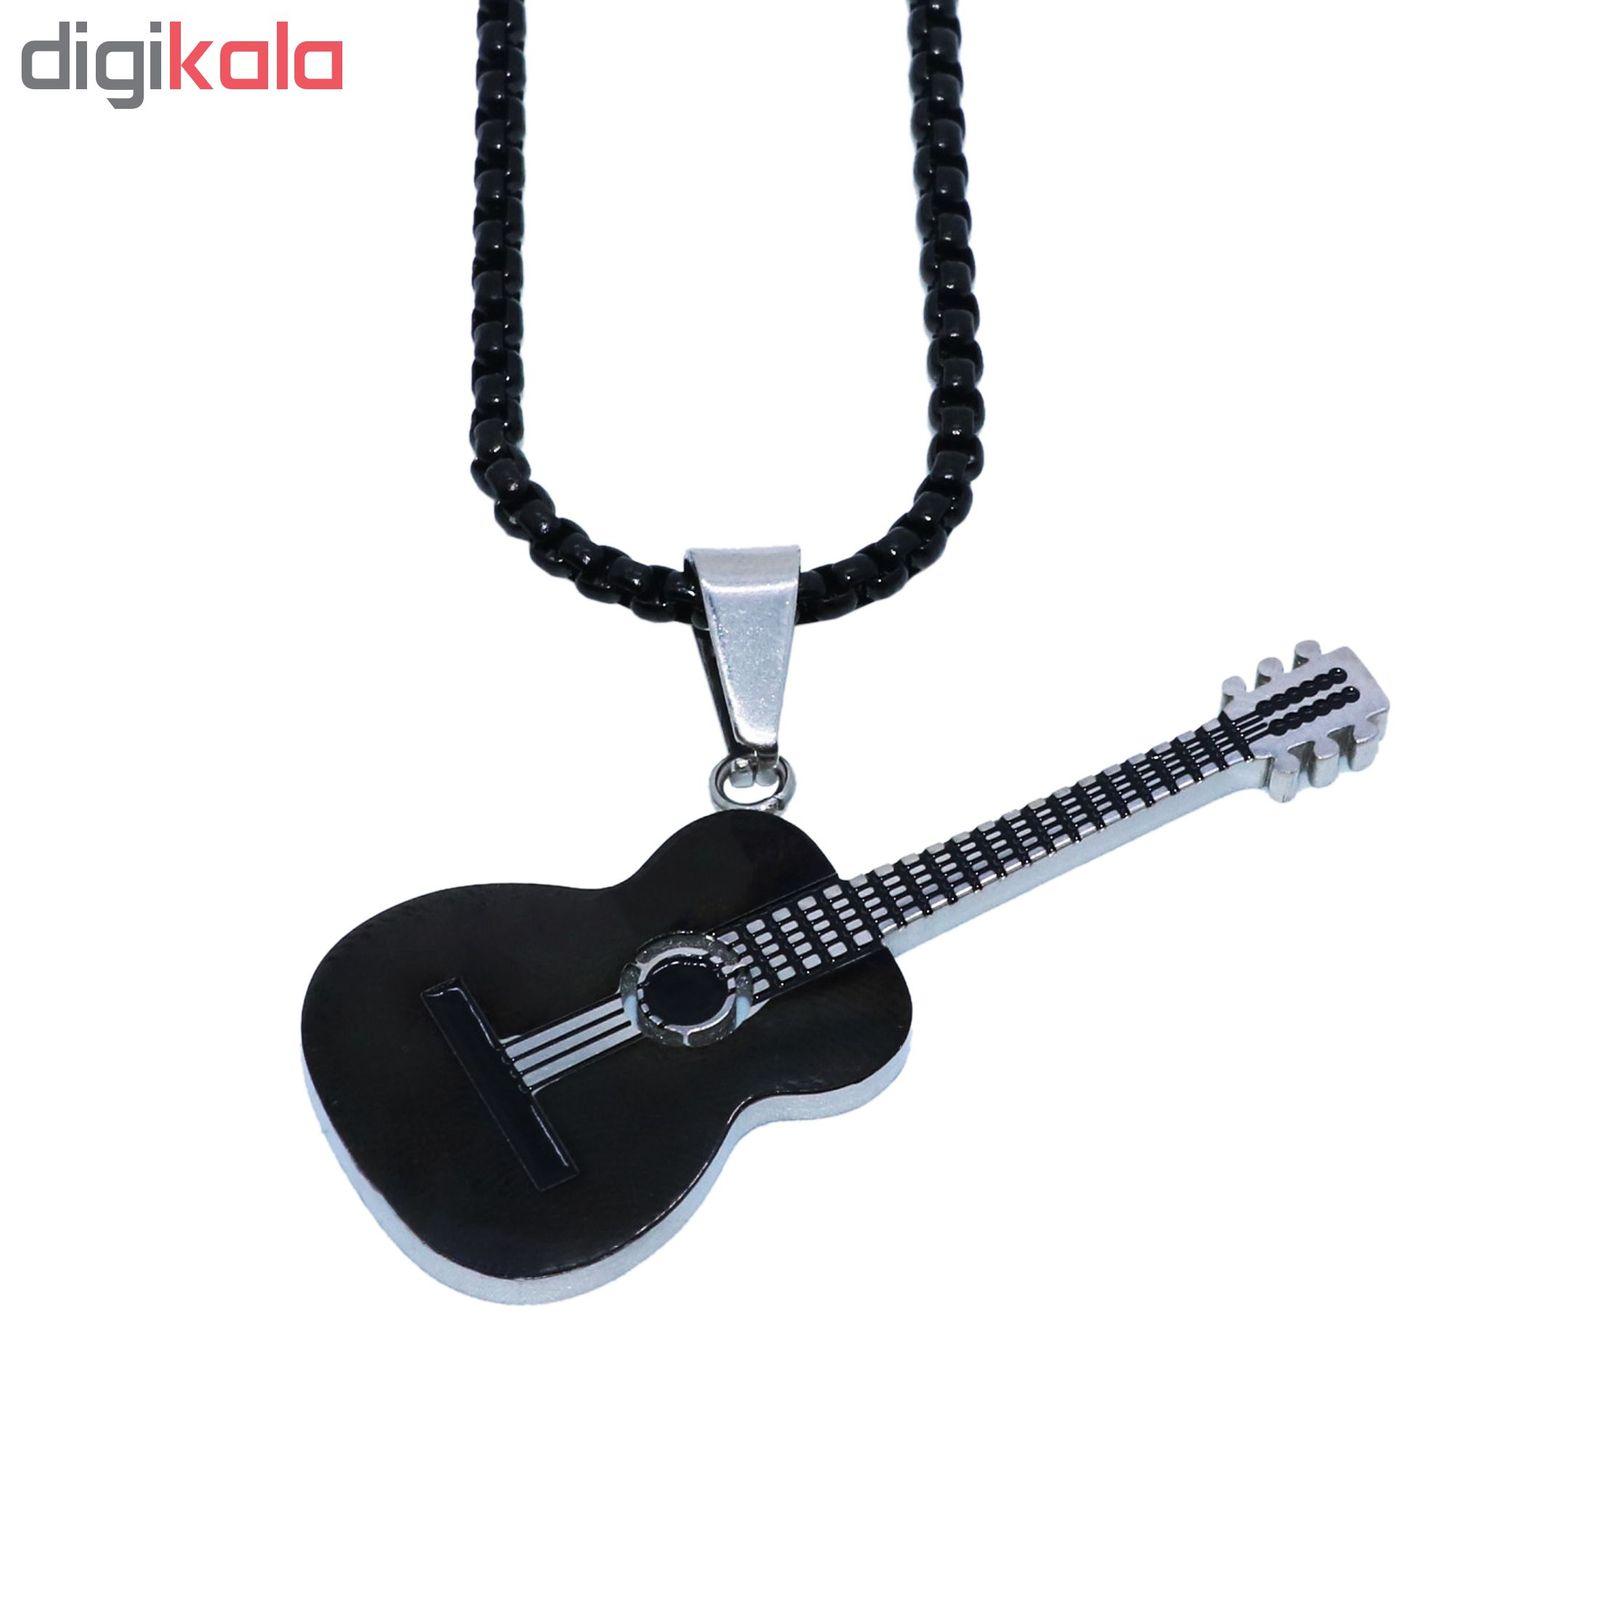 گردنبند مردانه طرح گیتار کد g900 main 1 1